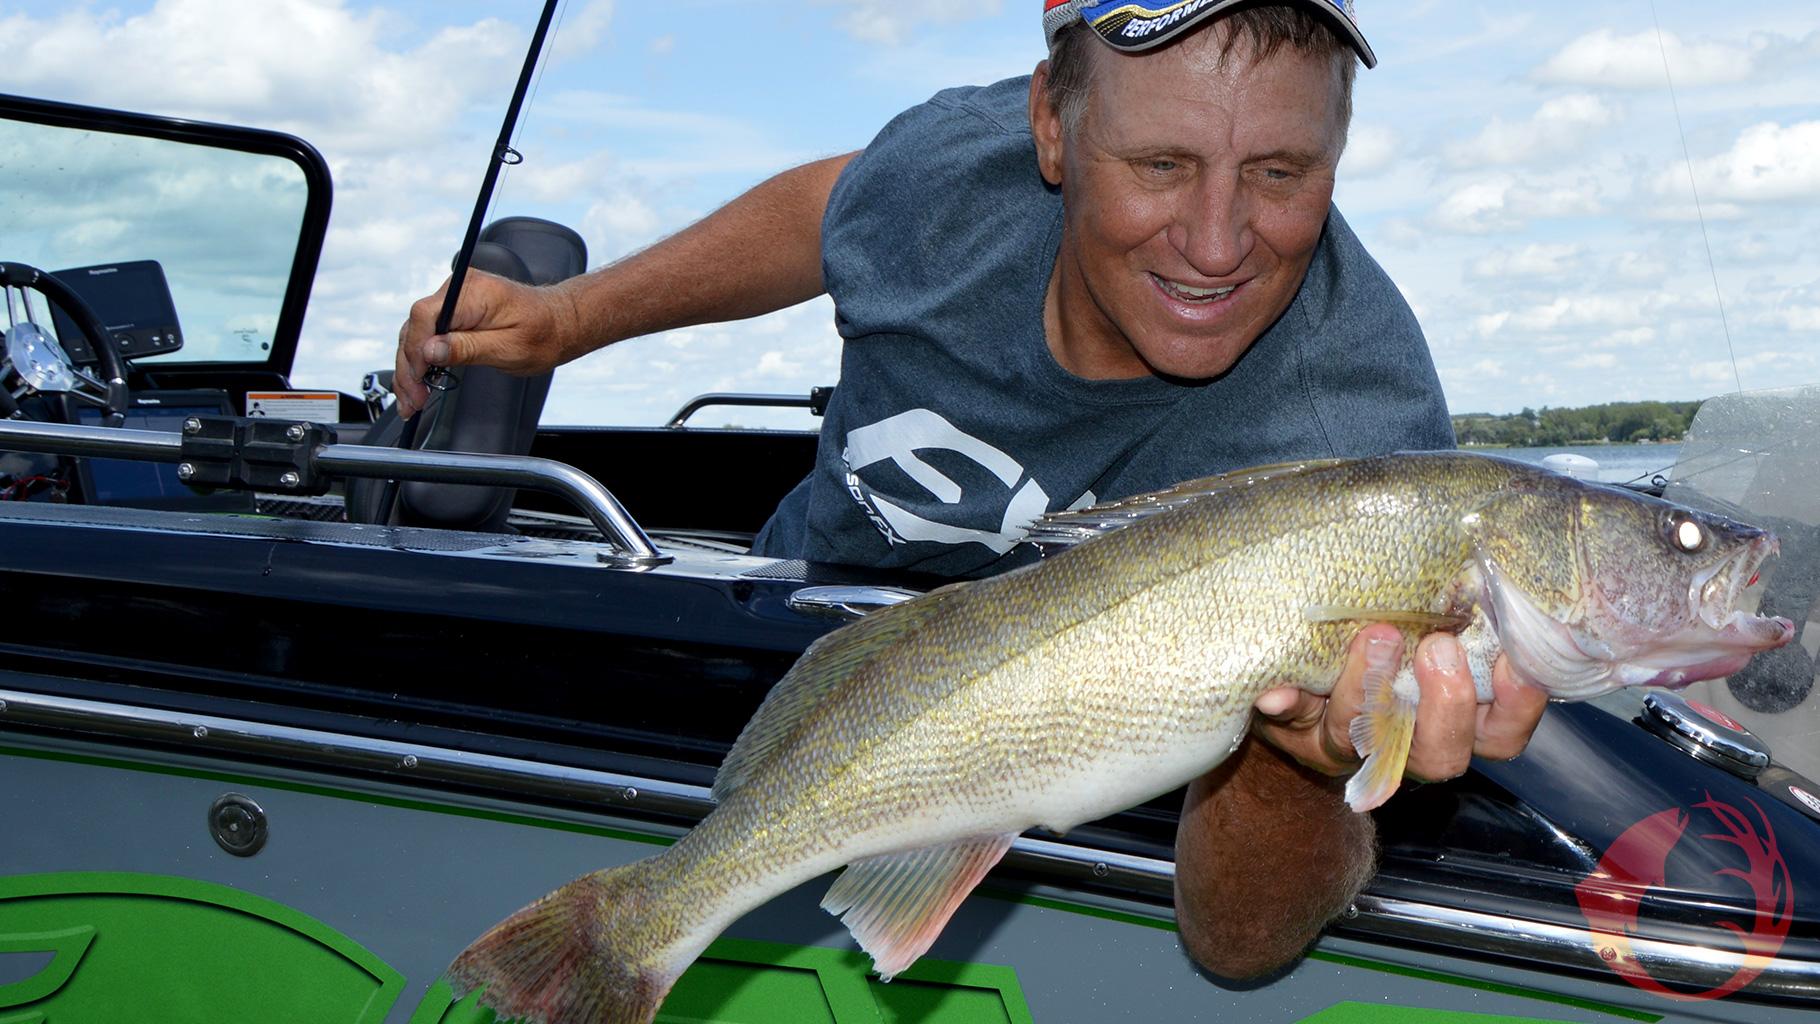 Catch Bigger Fish